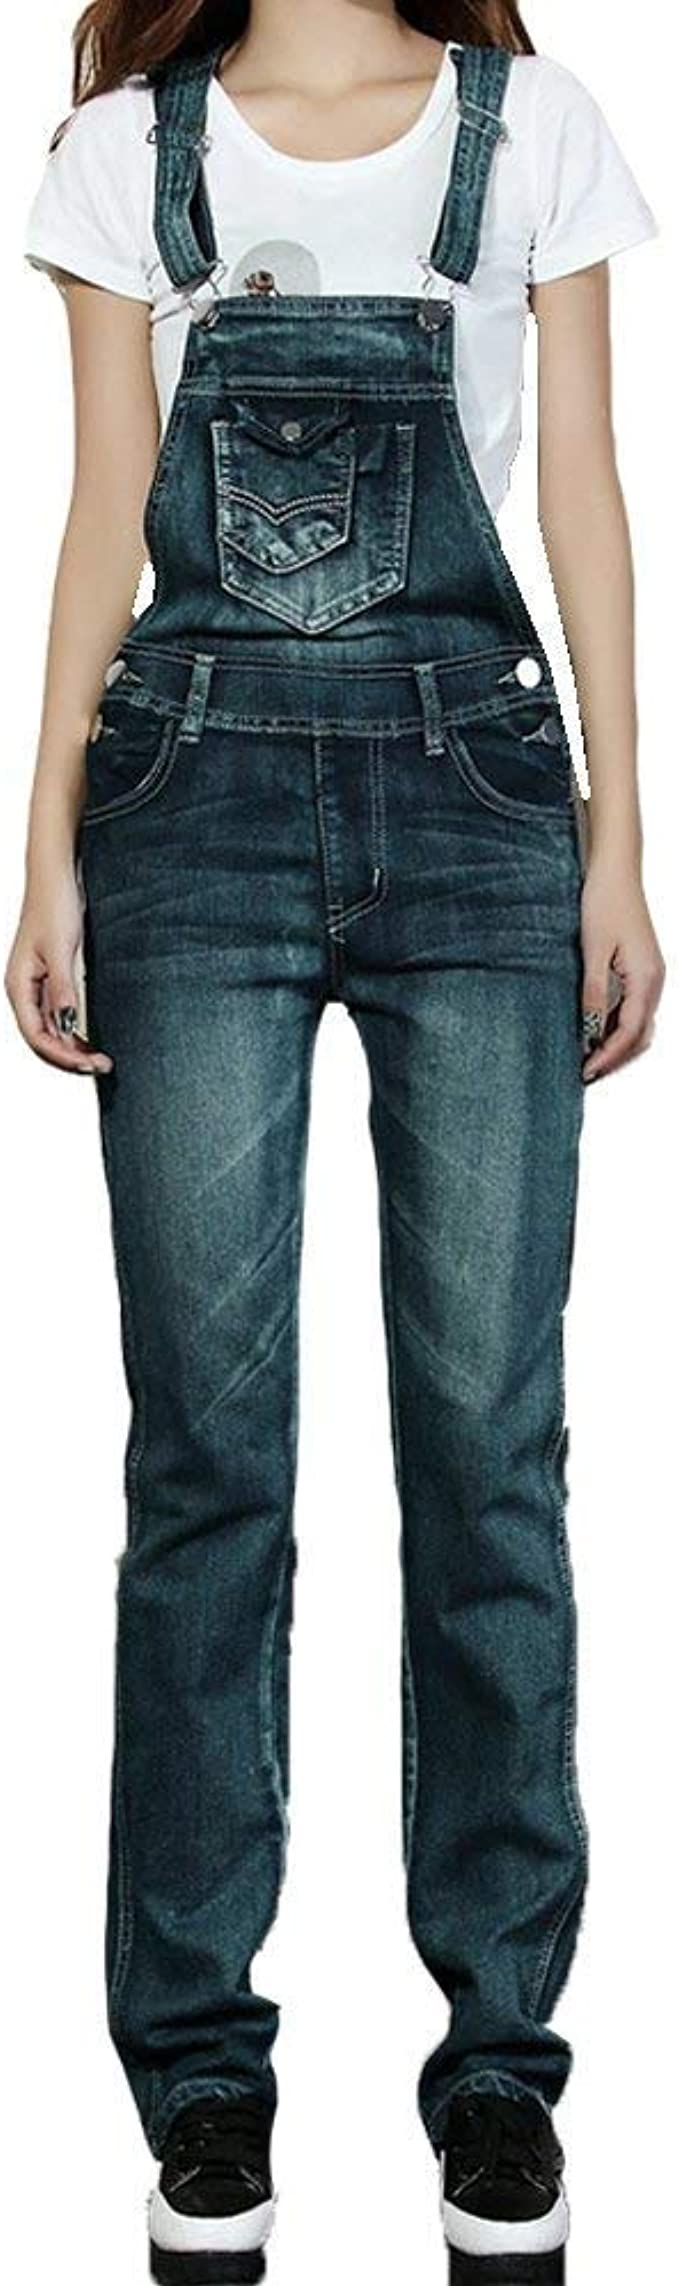 Haidean Peto De Mujer Pantalones Jeans Pantalones Monos Con Pantalones Modernas Casual De Mezclilla Retro Estiramiento De Cintura Alta Lapiz De Agujero Rasgado Moderno Pantalones Casuales Amazon Es Ropa Y Accesorios